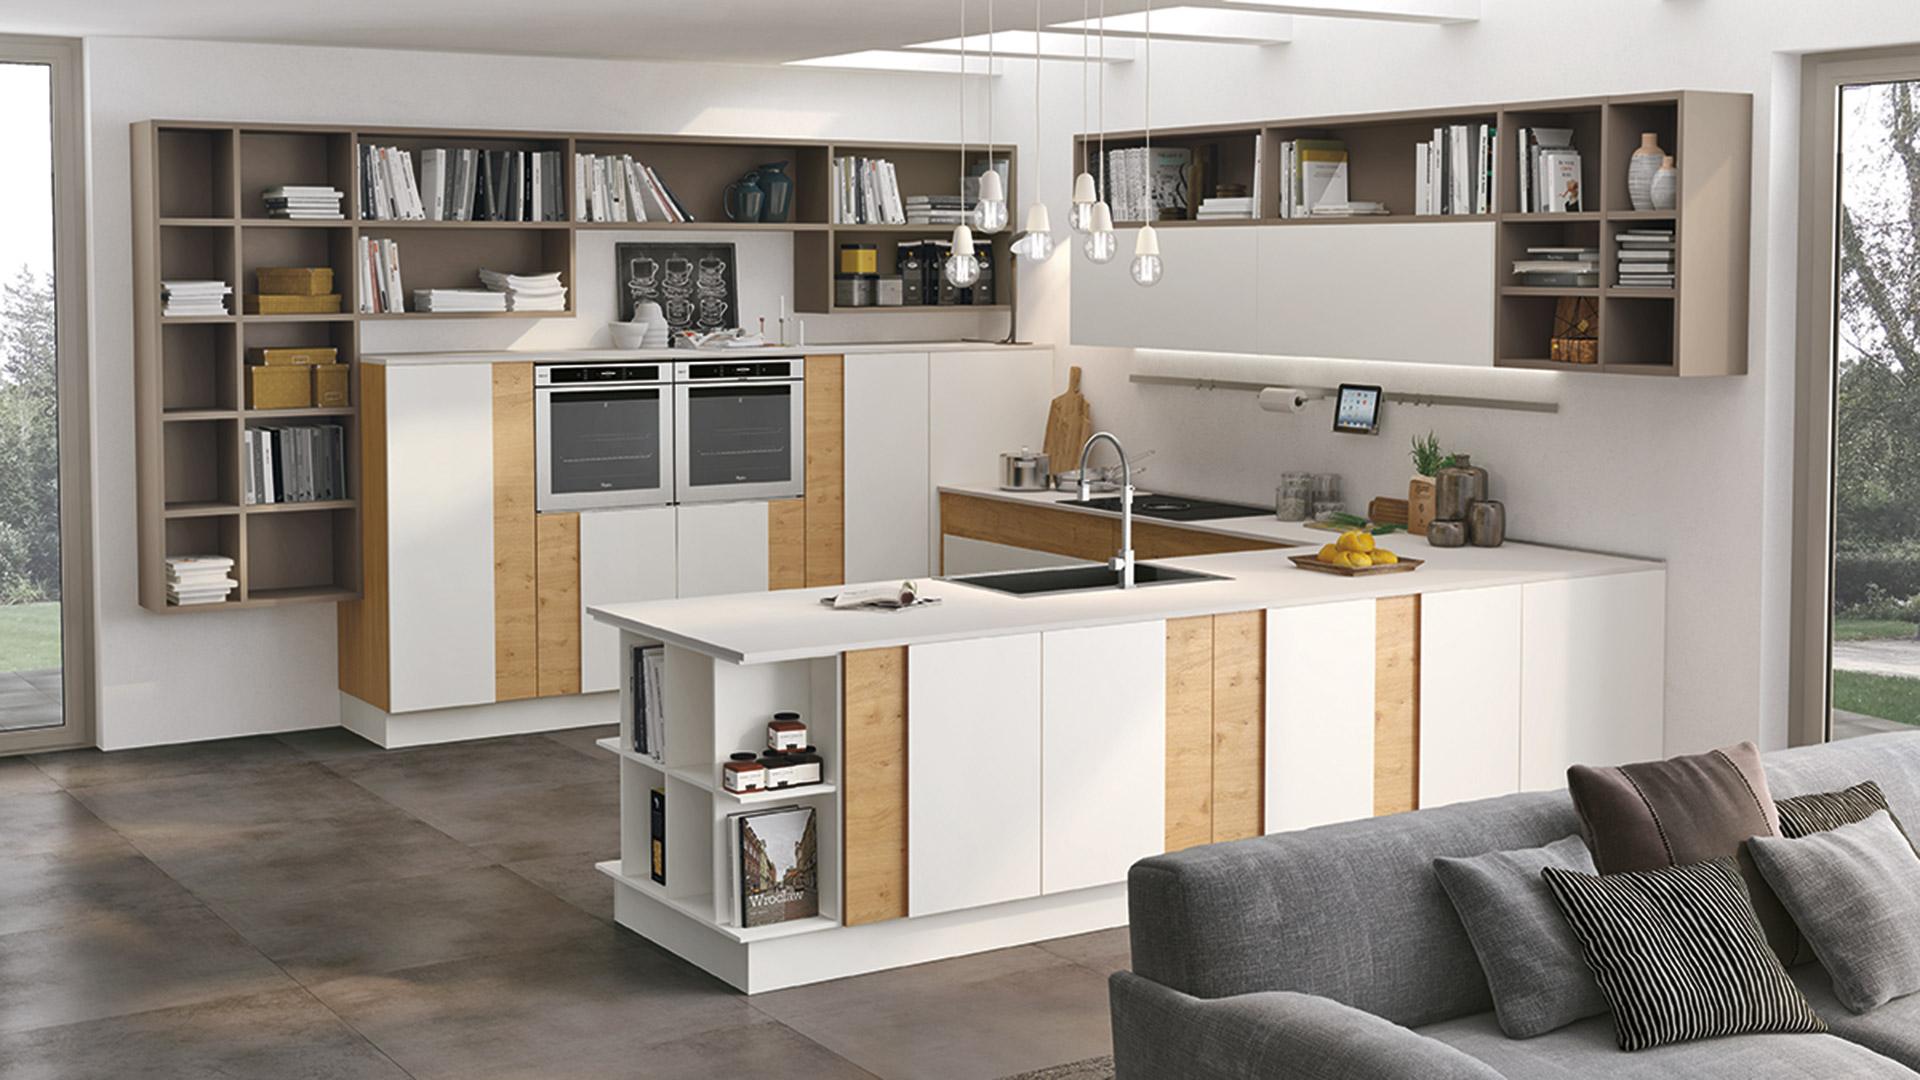 Creativa - Cucine Moderne - Scheda prodotto - Cucine Lube